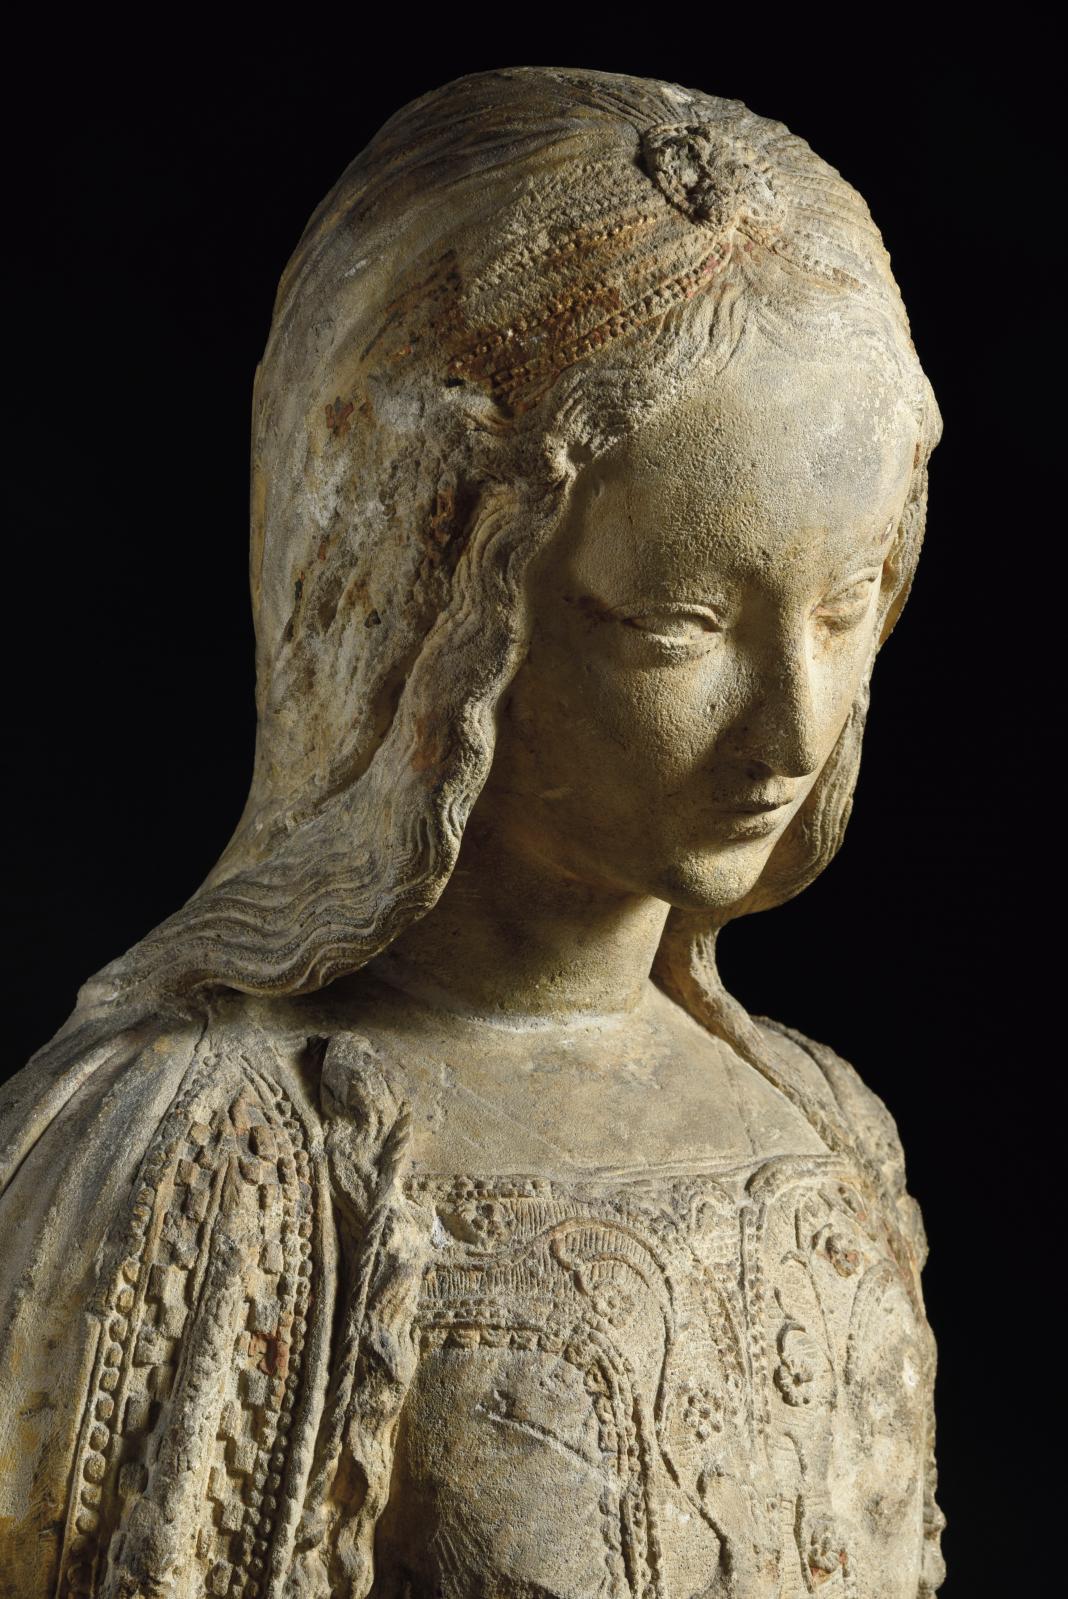 Atelier de Michel Colombe (1430-1512),fin du XVesiècle, buste de sainte femme ou de Vierge, pierre calcaire, traces de polychromie et de